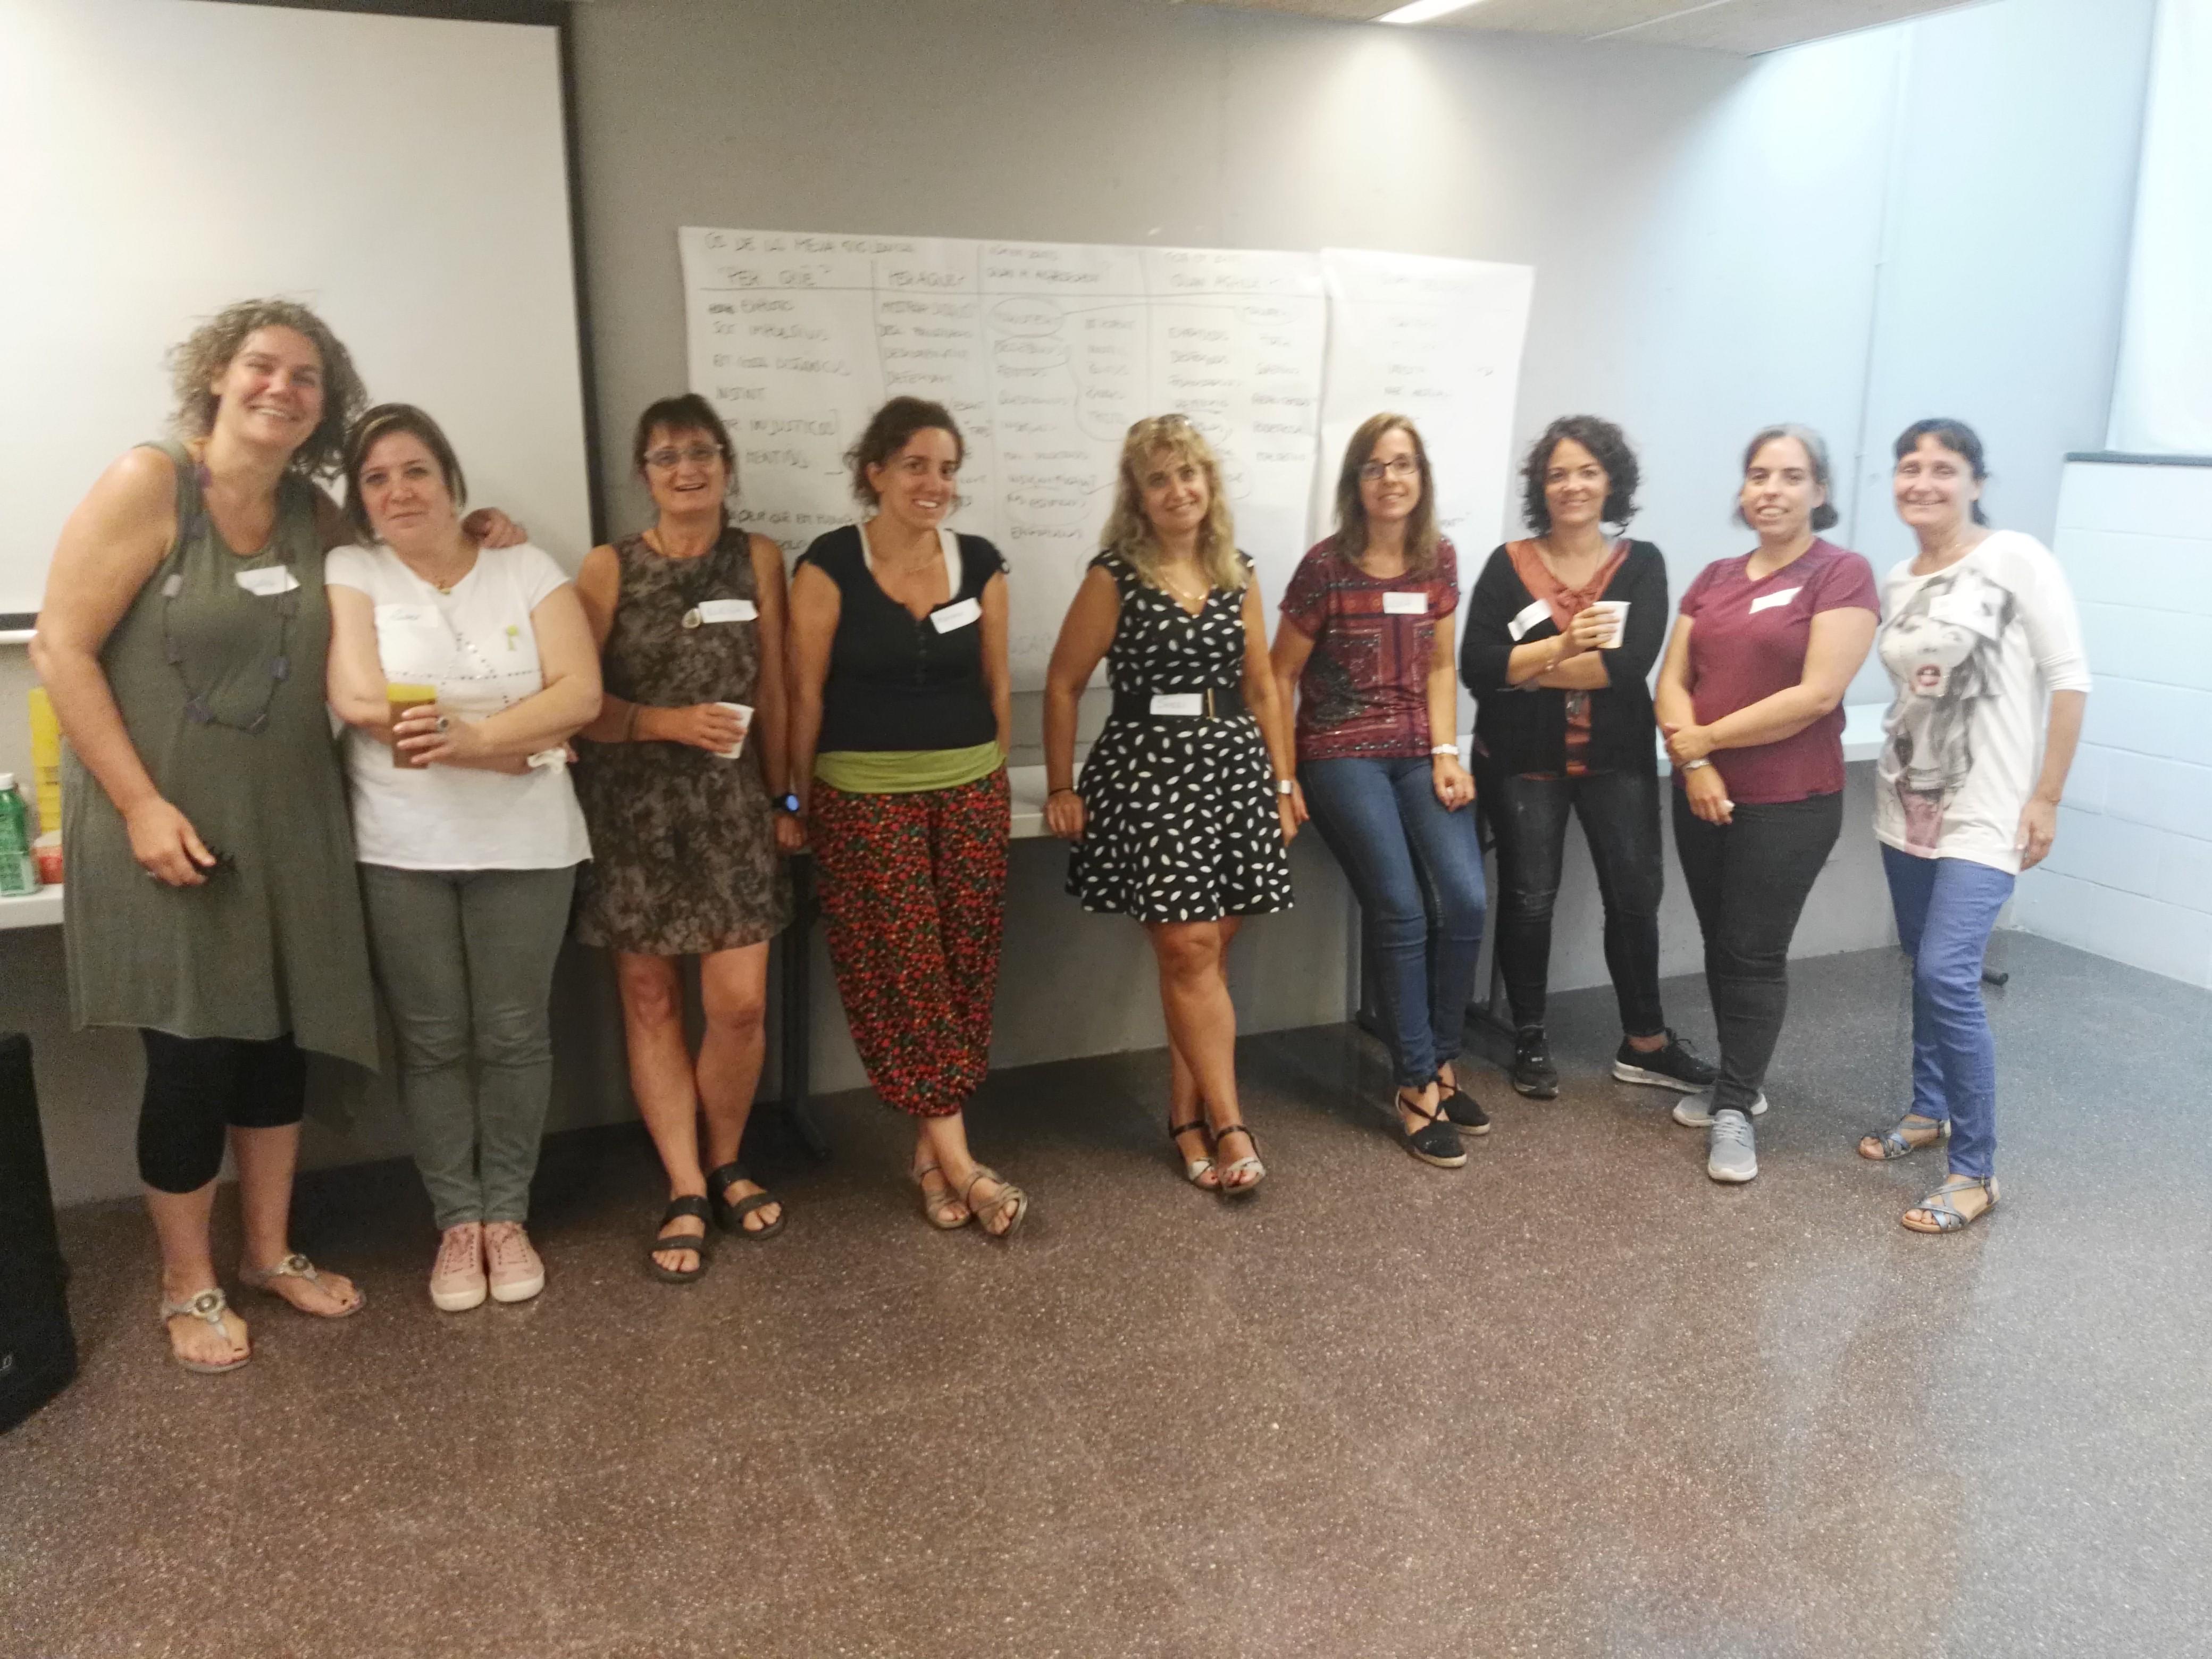 L'Ajuntament ofereix al professorat una formació sobre conflictes i violència en infants i joves